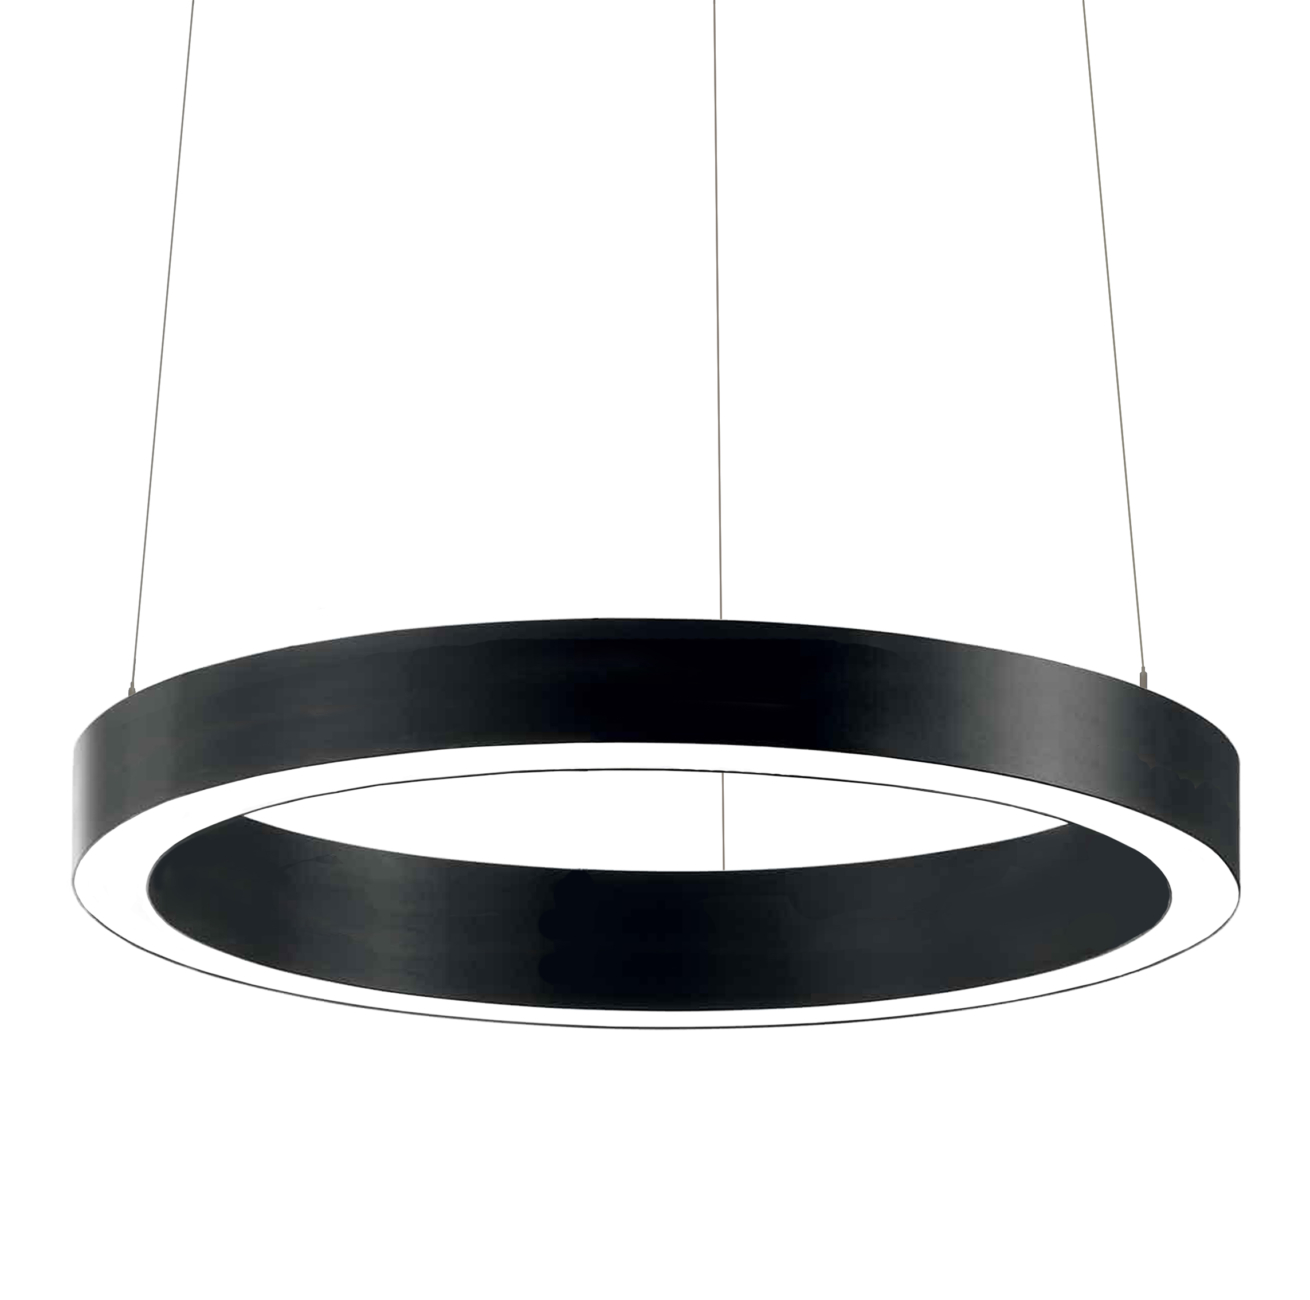 Светильник Ring 5060-750мм. 4000К/3000К. 34W/73W купить в Химках